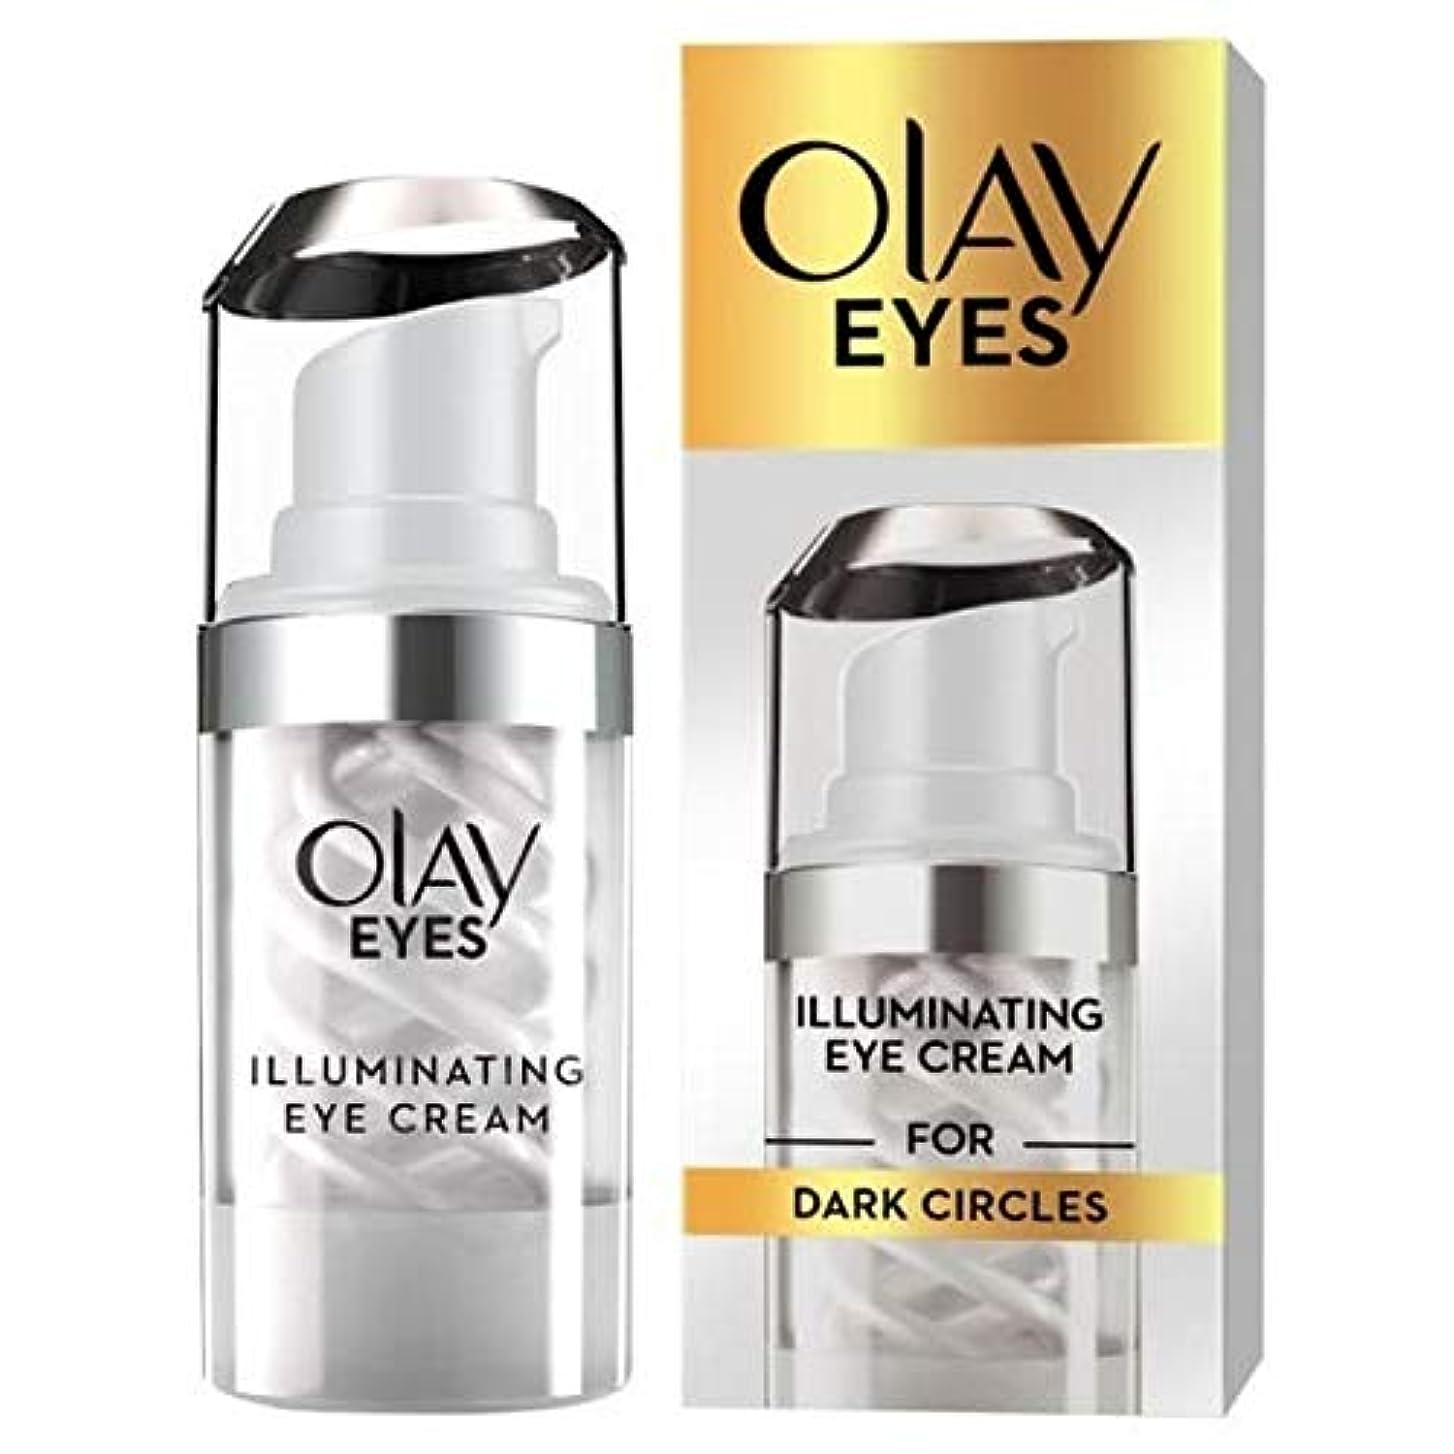 ポーン墓地生き残り[Olay] アイクリーム15ミリリットルを照らすオーレイ目 - Olay Eyes Illuminating Eye Cream 15Ml [並行輸入品]